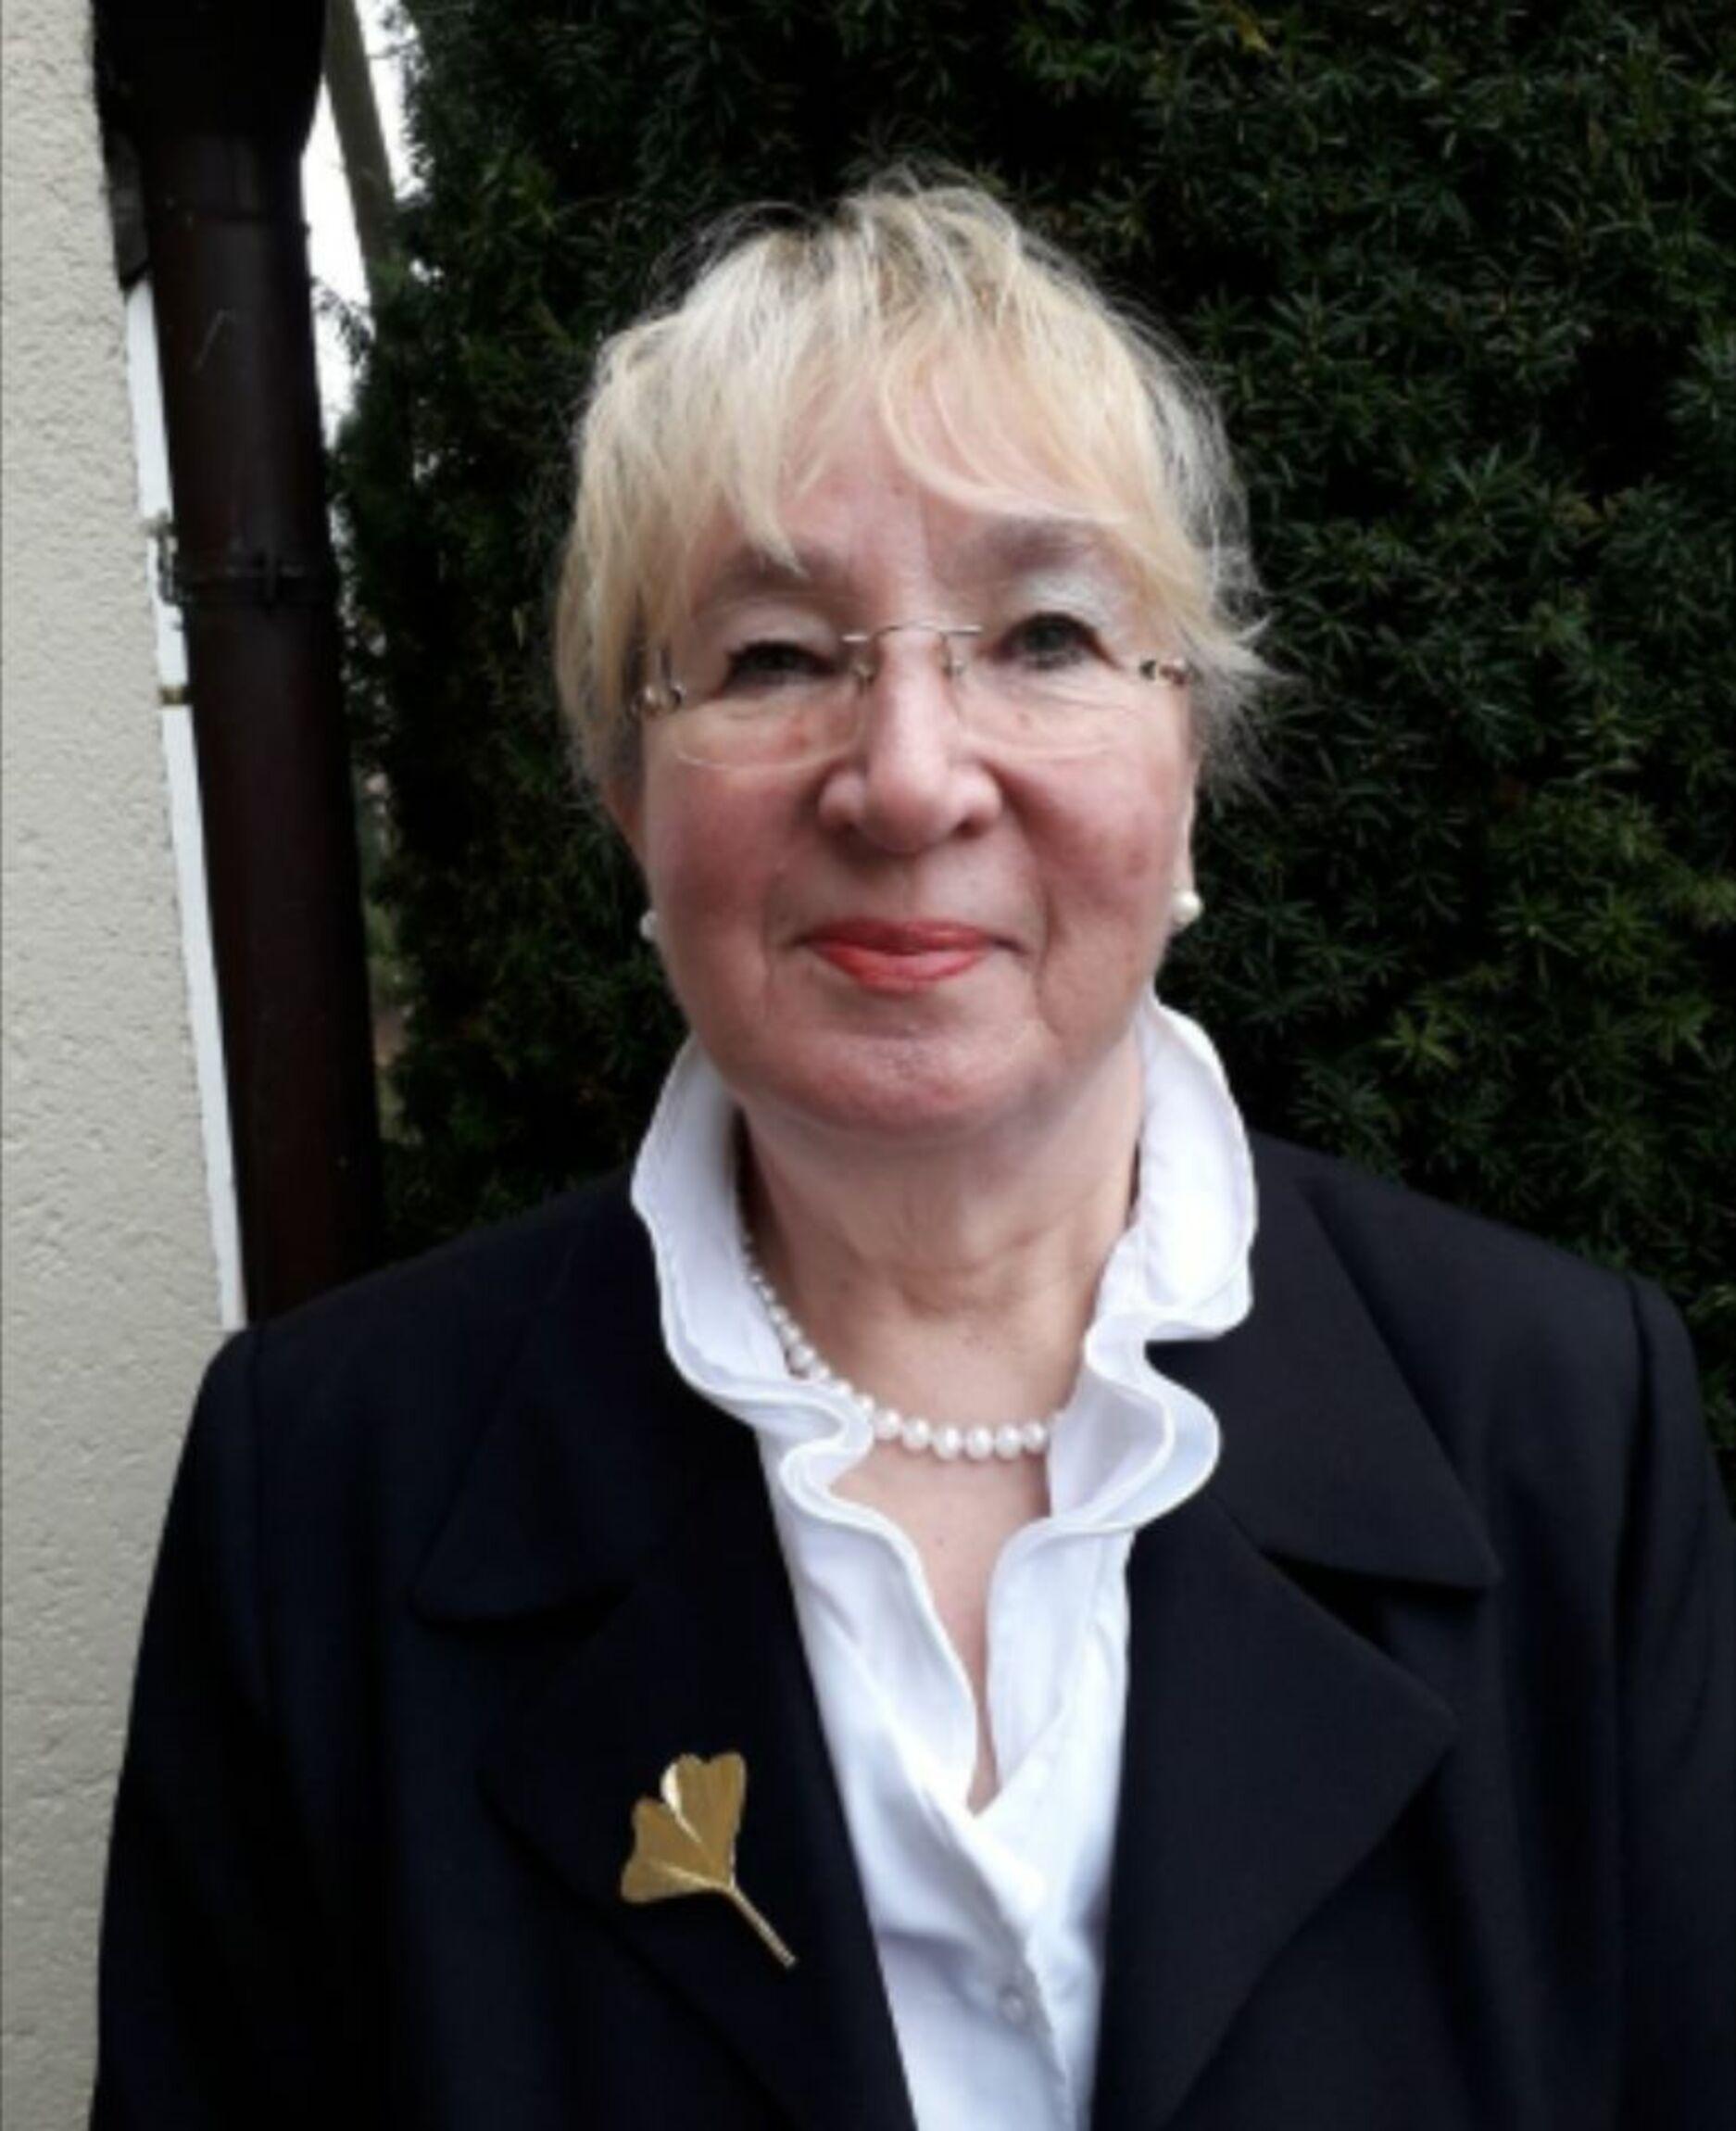 Kirsten Kechel